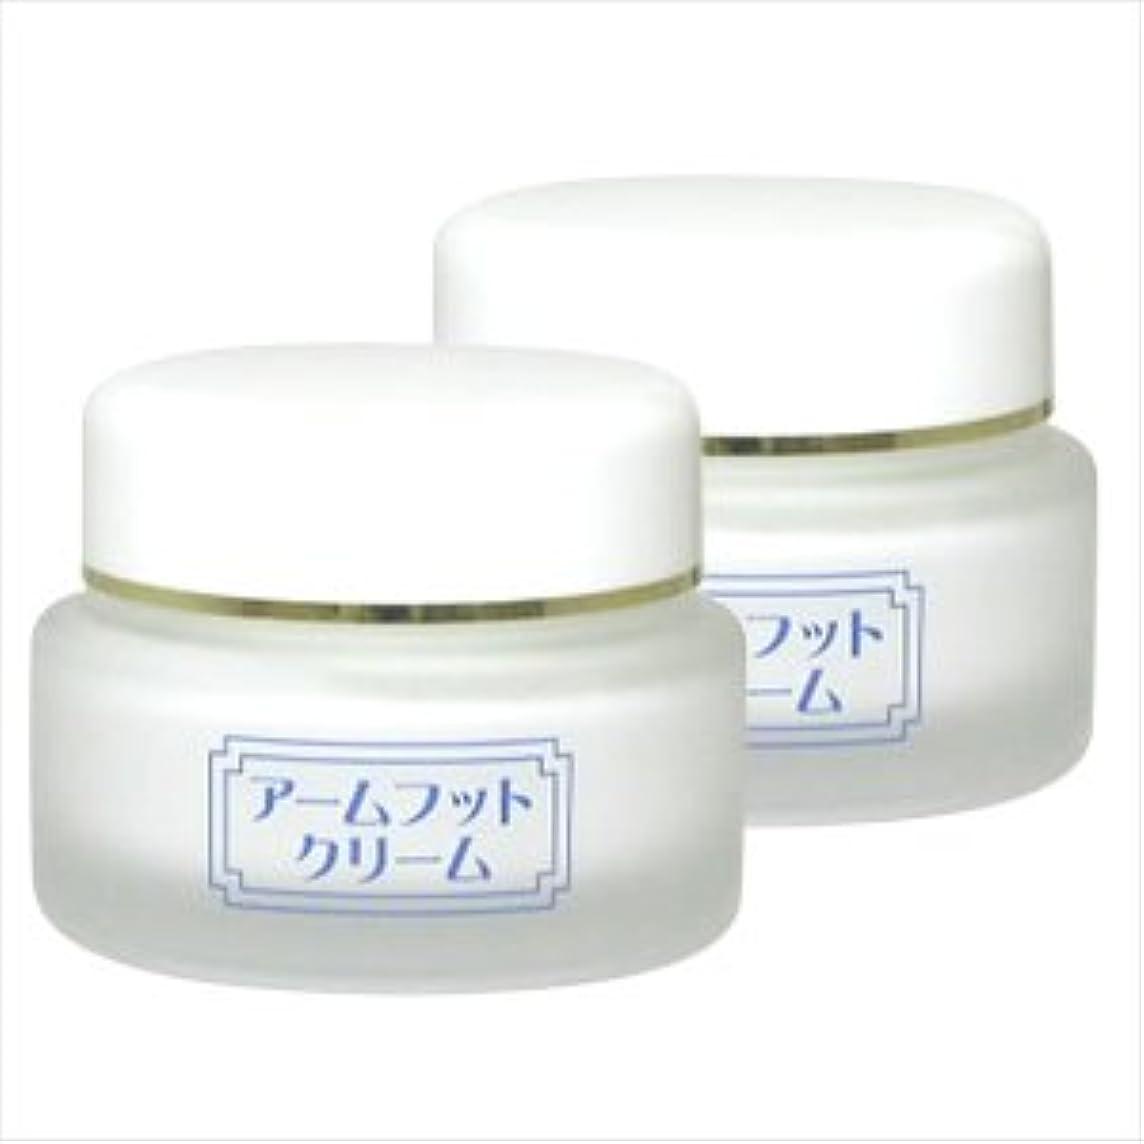 パステルチャーターで出来ている薬用デオドラントクリーム アームフットクリーム(20g) (2個セット)